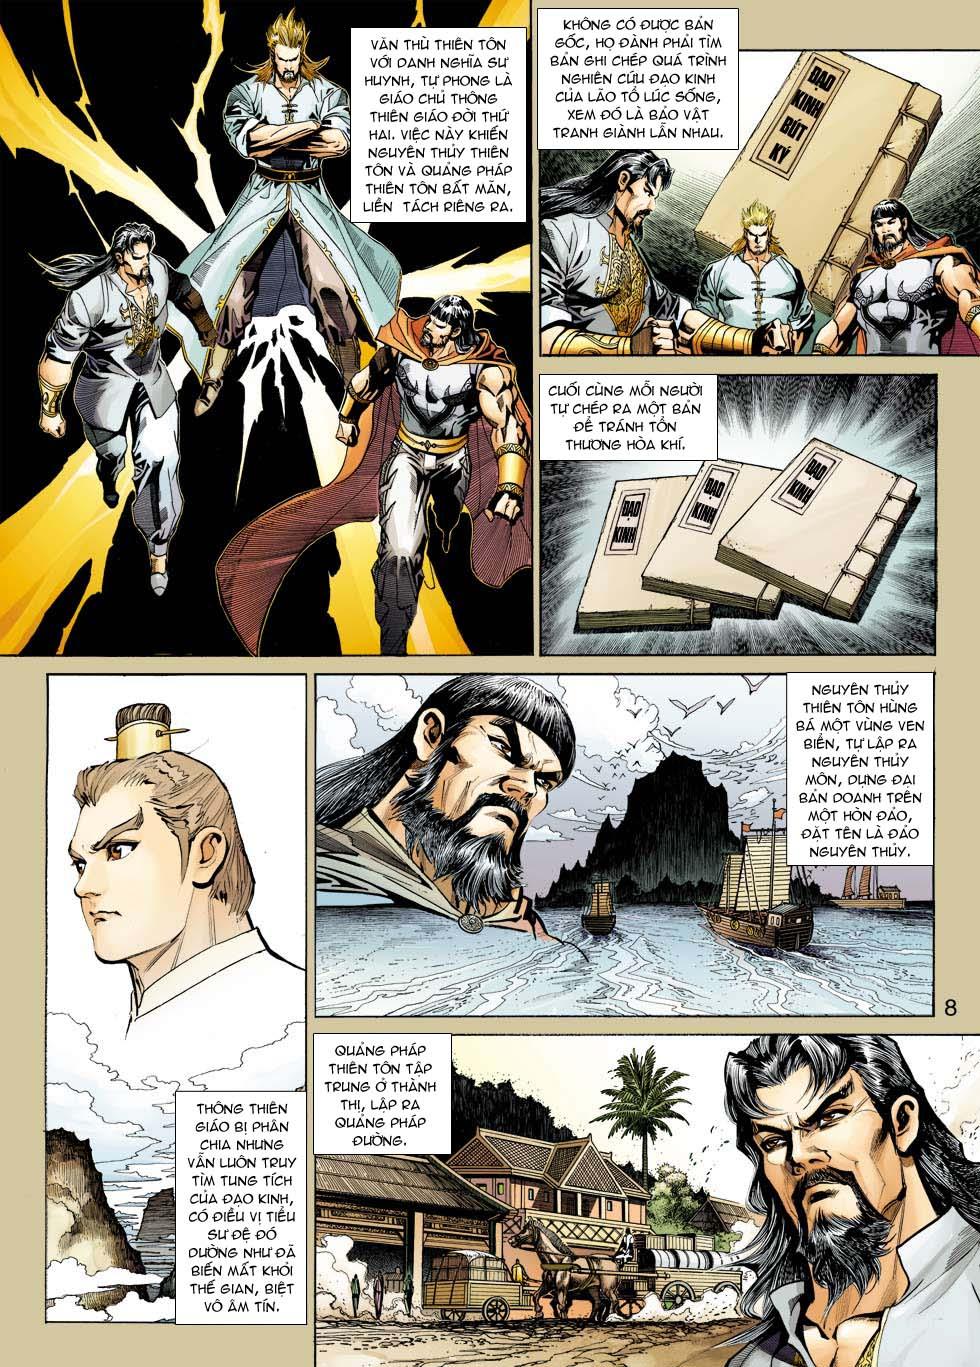 Tân Tác Long Hổ Môn chap 343 - Trang 8